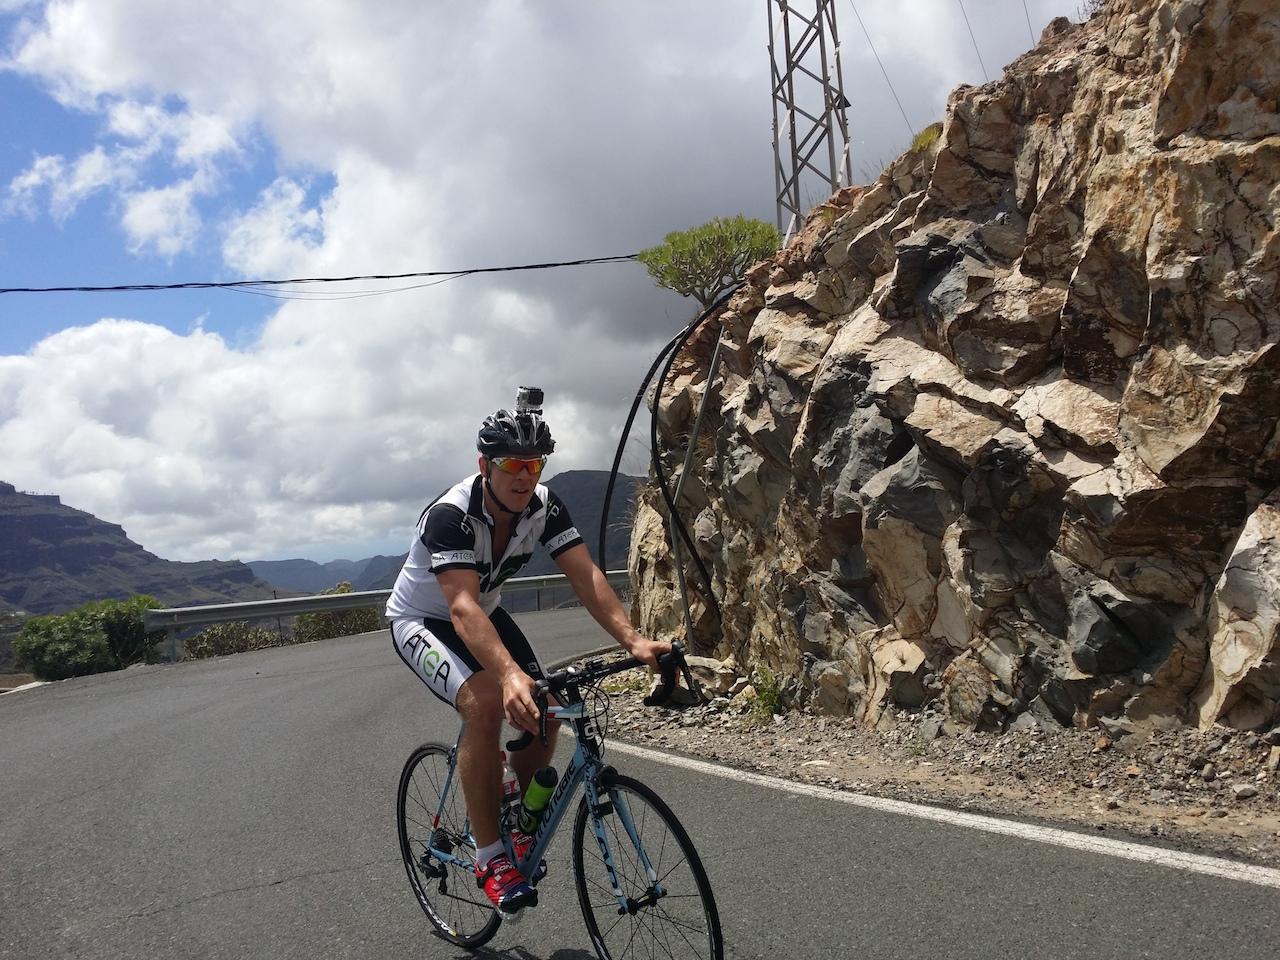 Gran Canaria – Dag 2: Fantastisk dag, mye fjell og høyere tempo